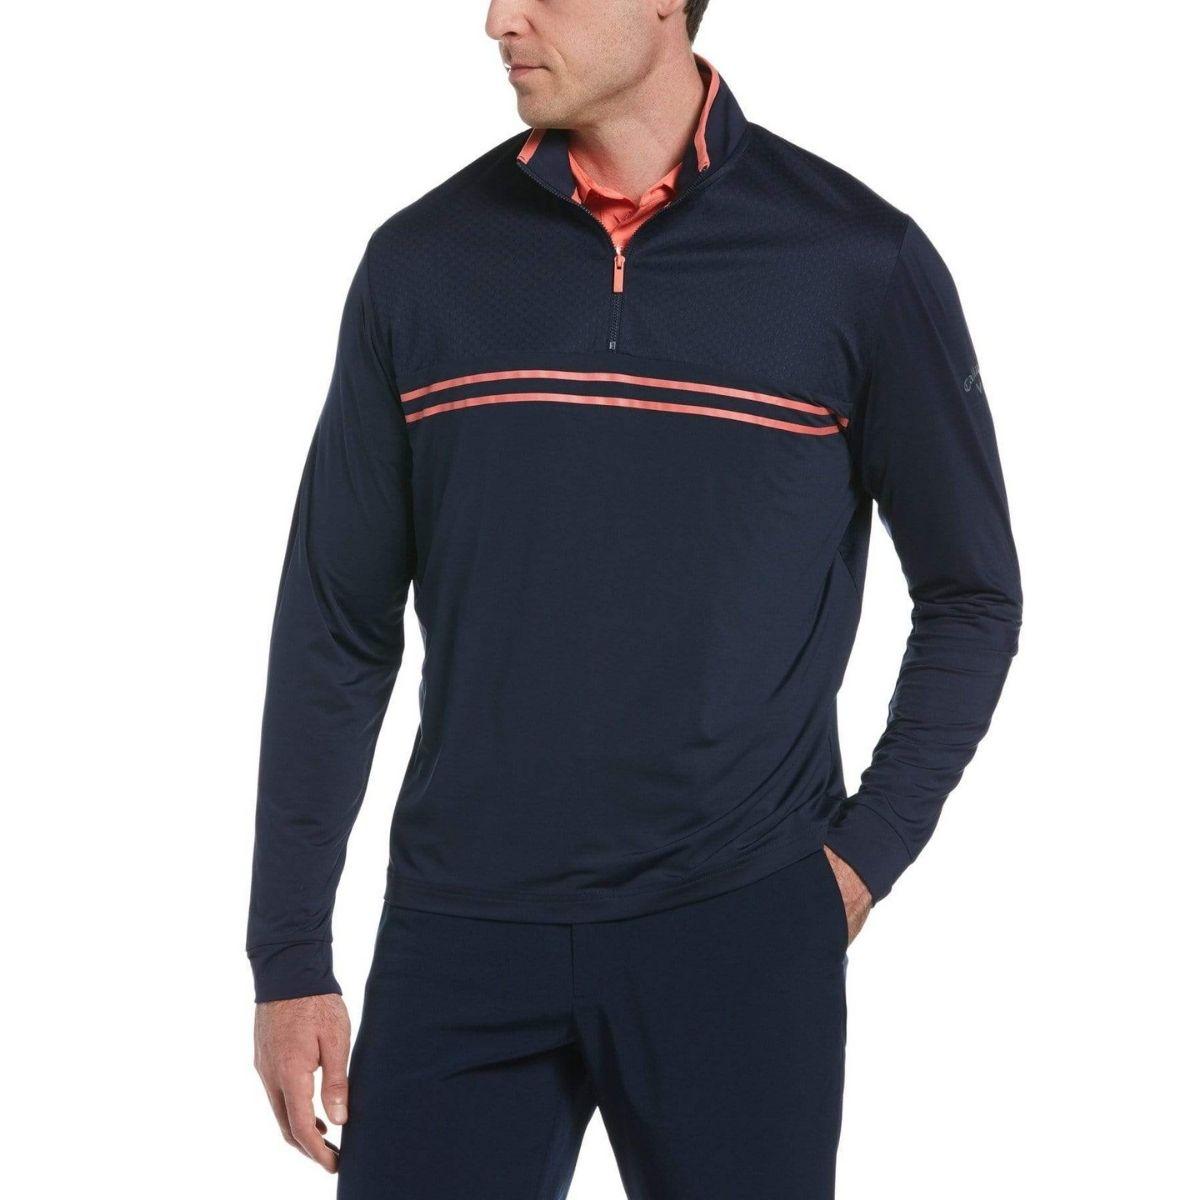 Callaway Men's Mixed Media Quarter Zip Pullover